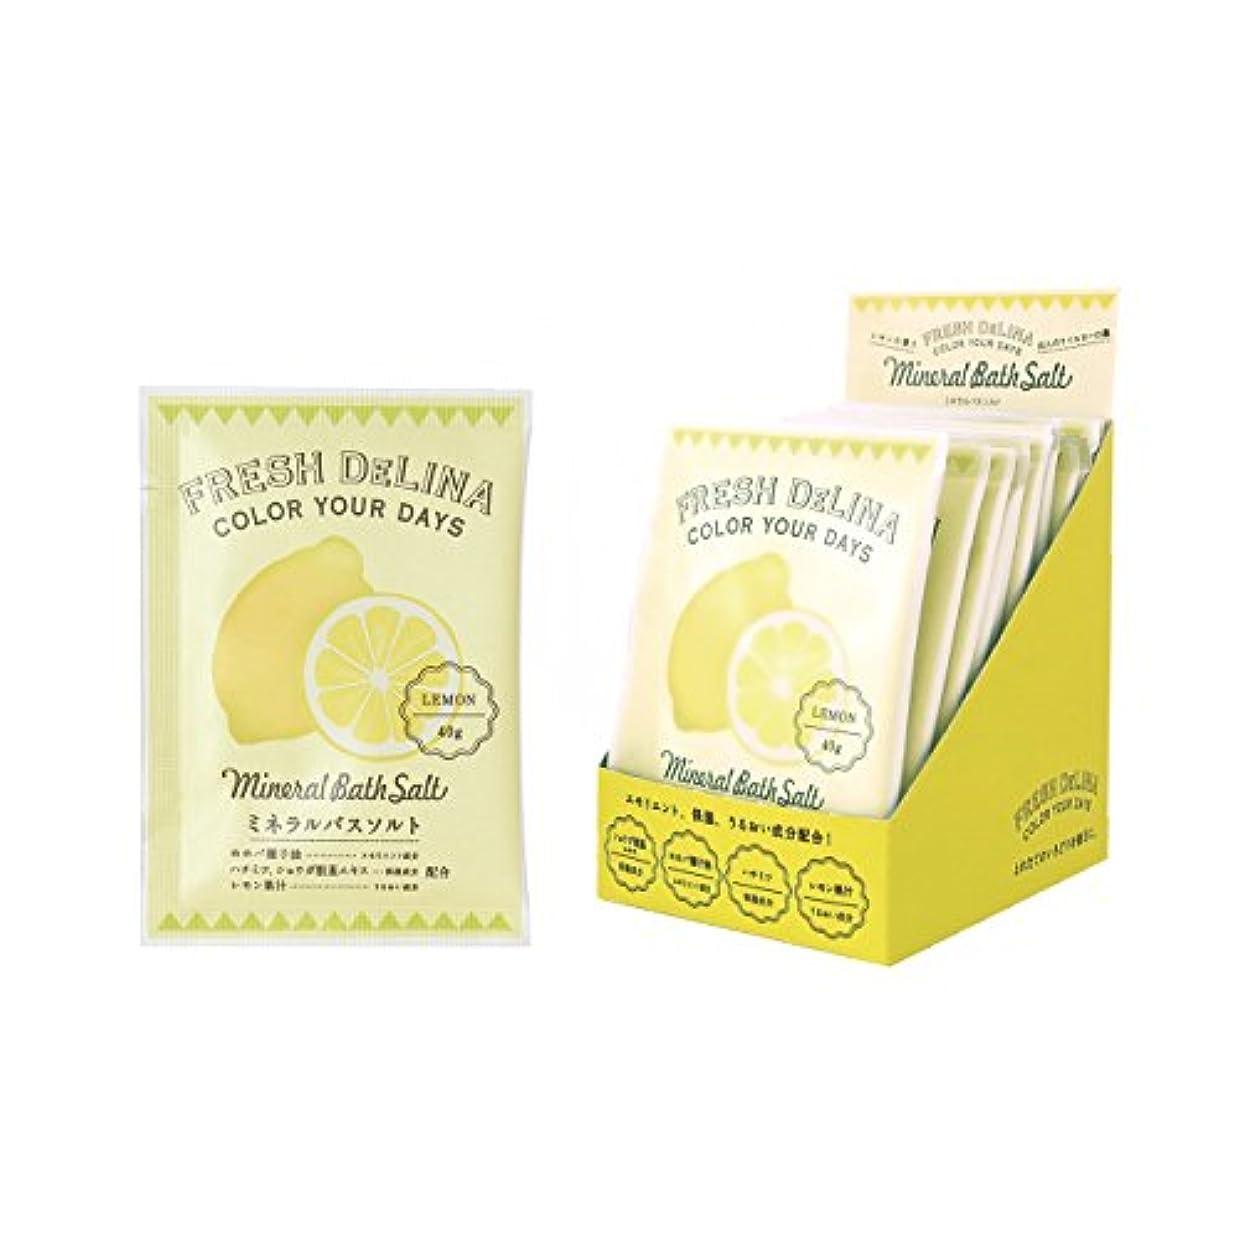 透過性毛皮反逆フレッシュデリーナ ミネラルバスソルト40g(レモン) 12個 (海塩タイプ入浴料 日本製 どこかなつかしいフレッシュなレモンの香り)